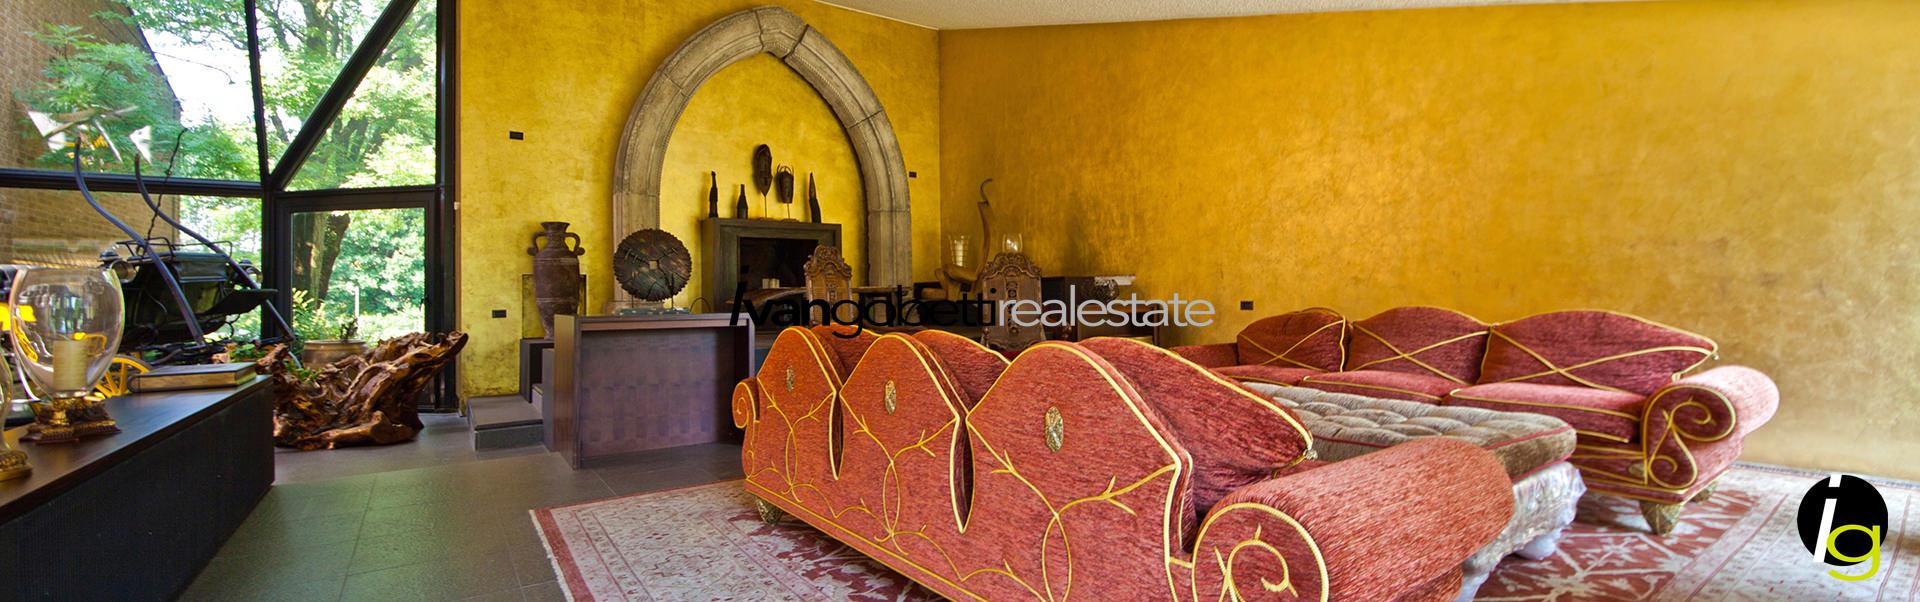 Villa in vendita a Como, vicinanze golf Villa D'Este, esclusività e design